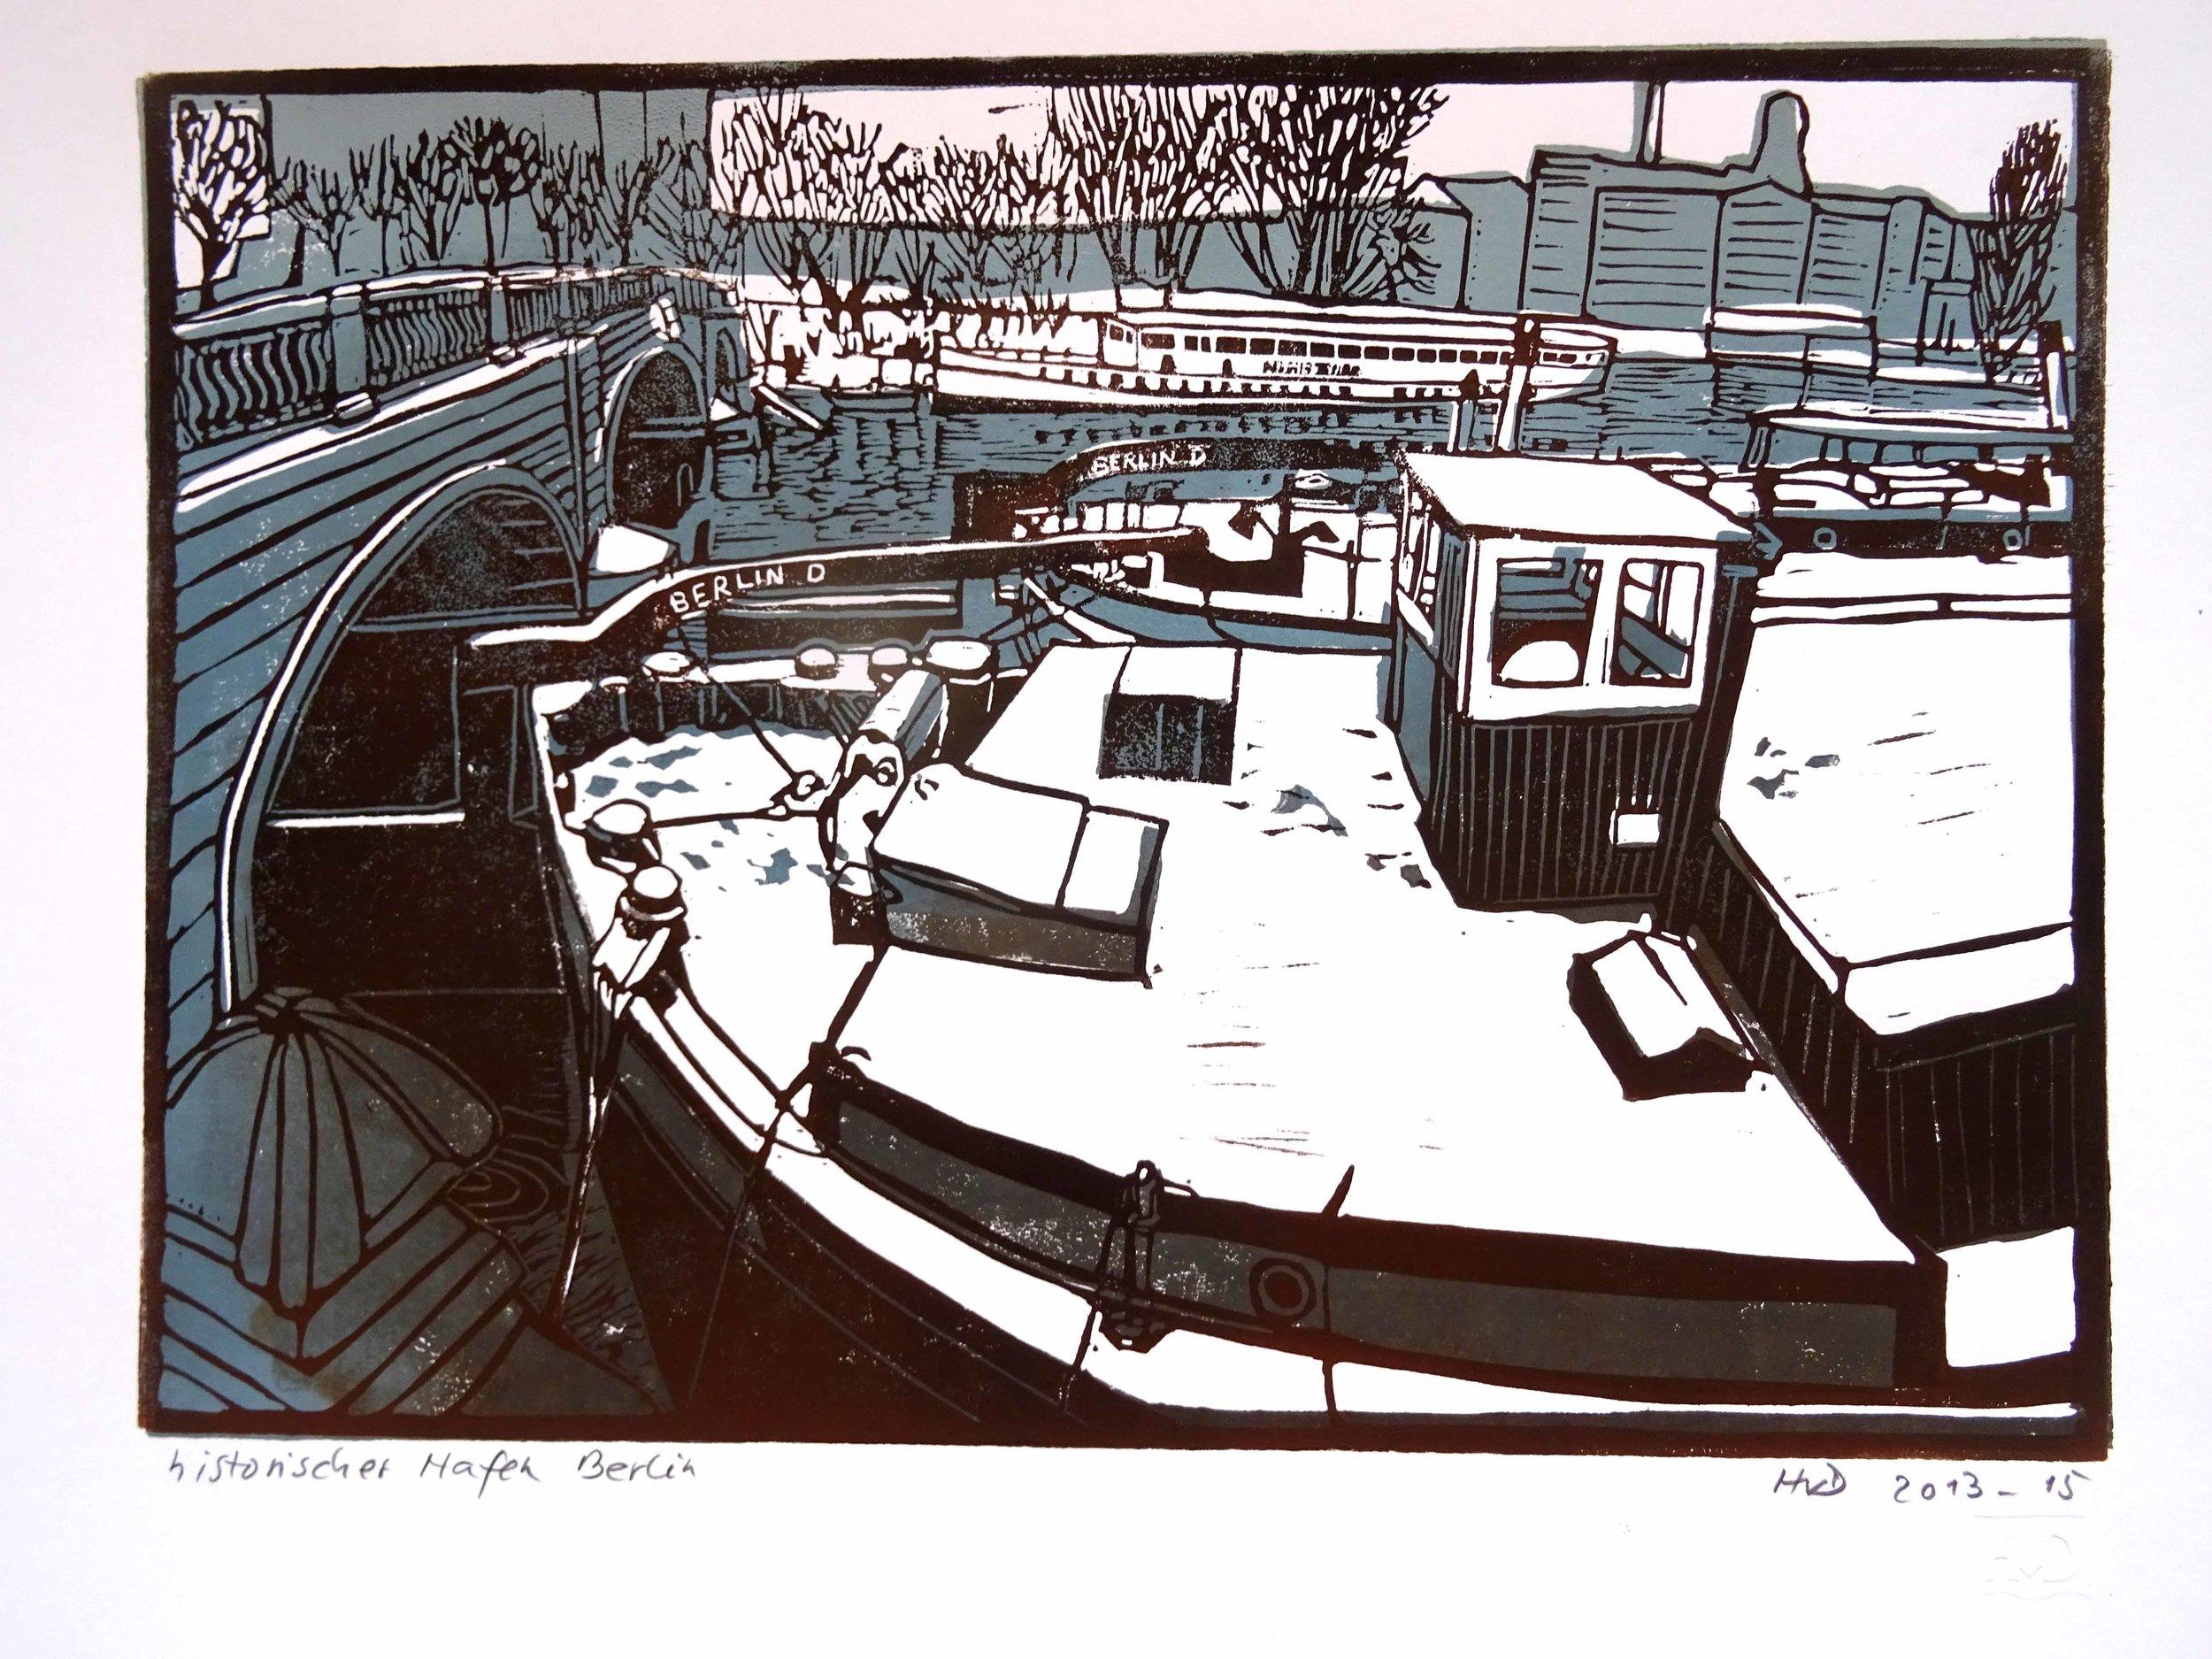 123 - historischer Hafen Berlin im Schnee, 2-plate lino 21x30 cm, 80 €